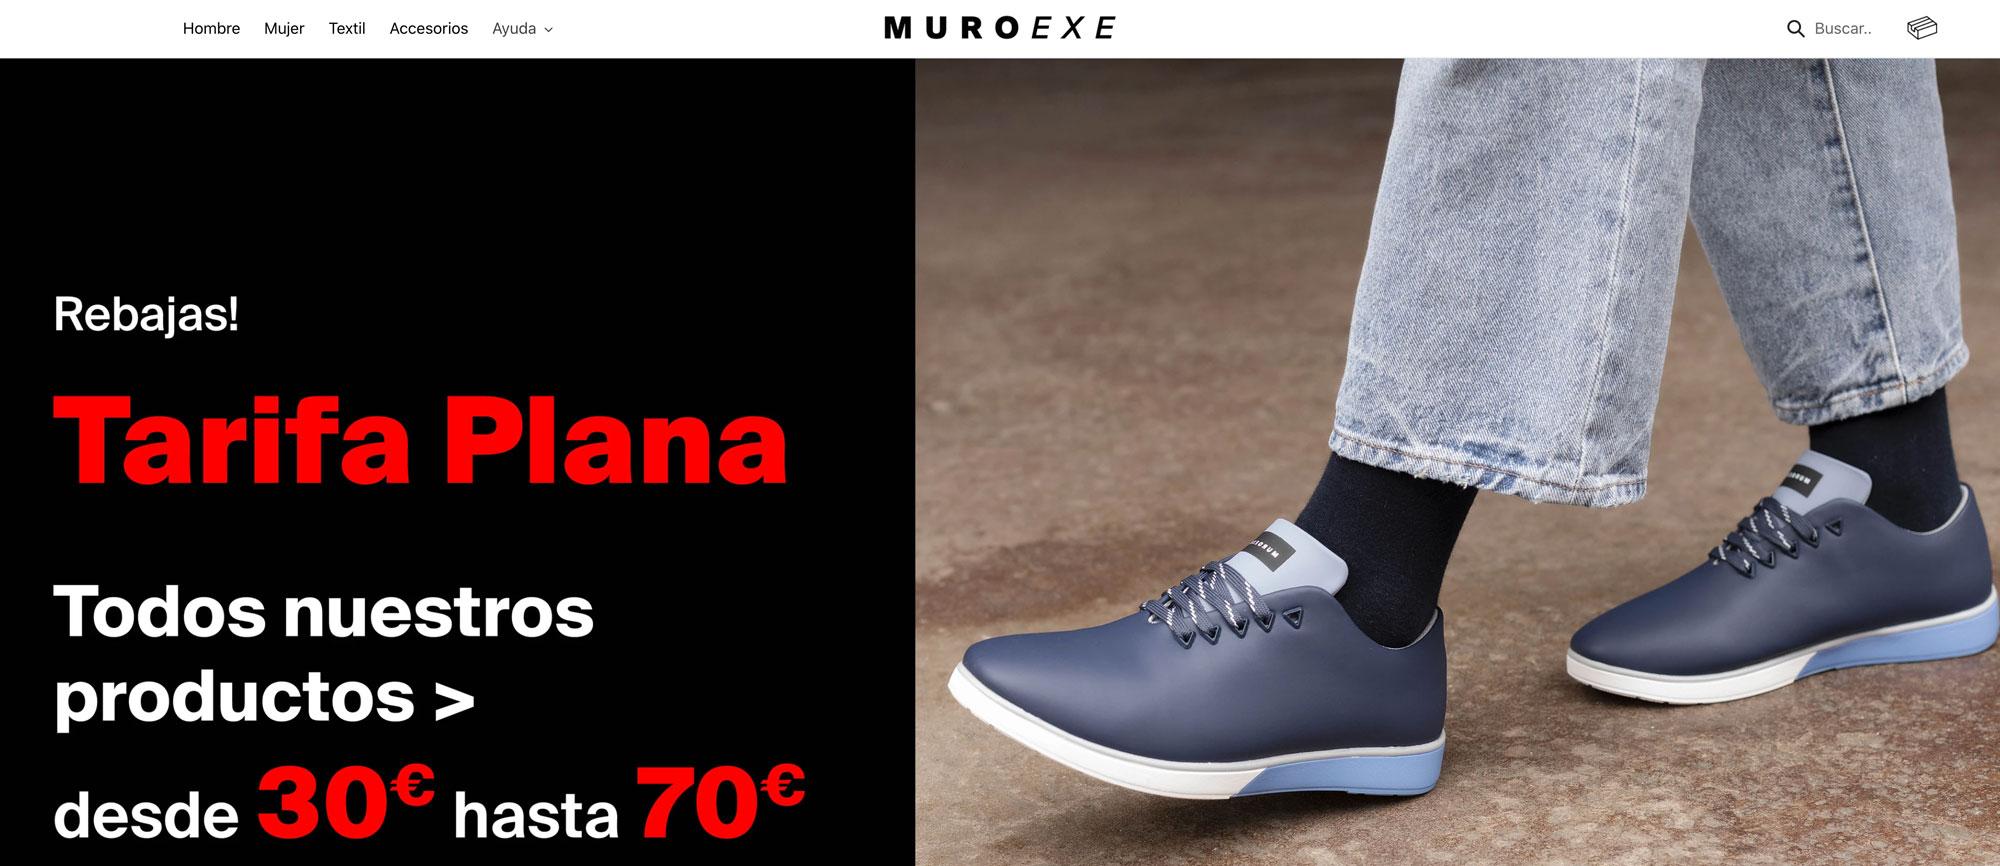 Shopify Muroexe